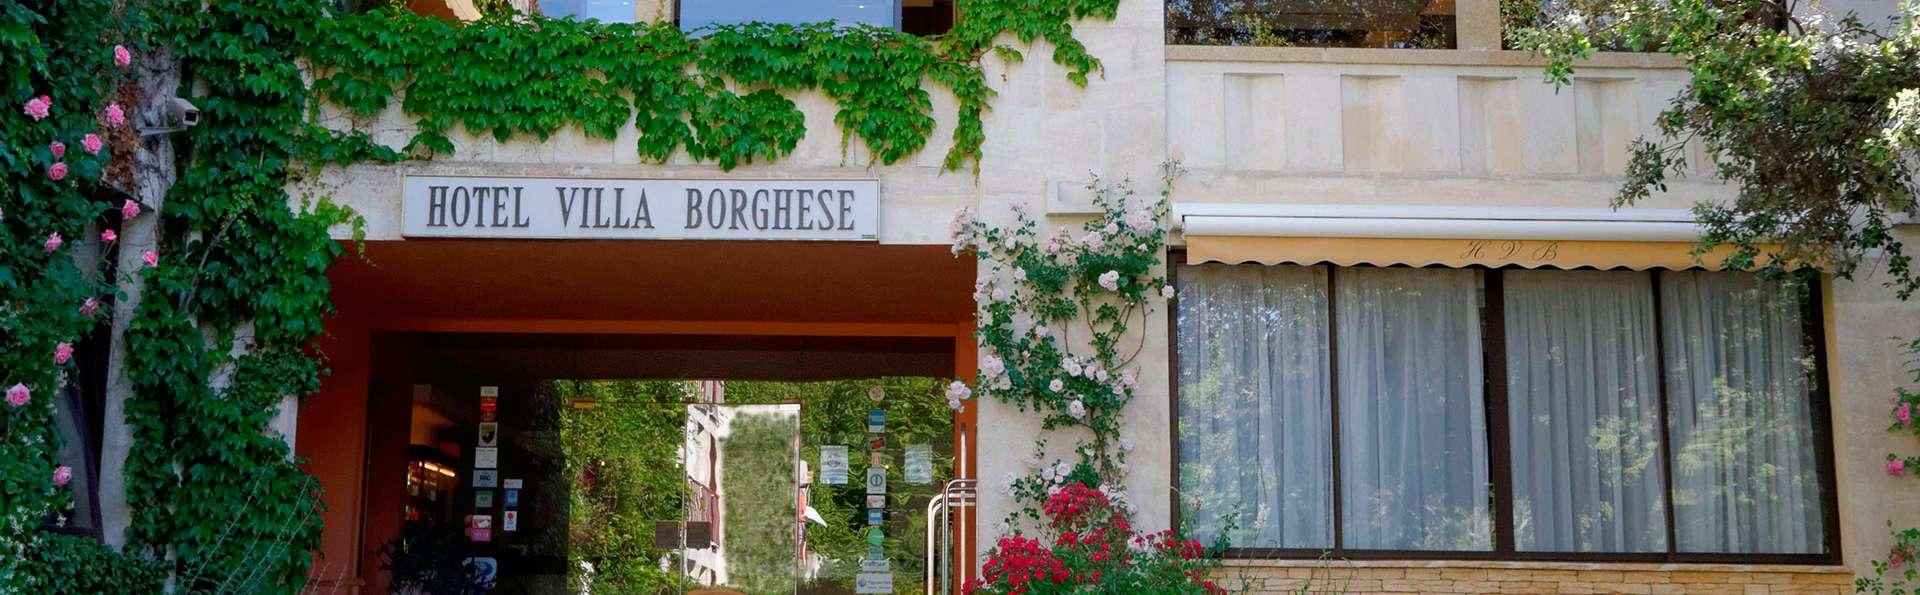 Villa Borghese, The Originals Relais (Relais du Silence) - edit_front23.jpg